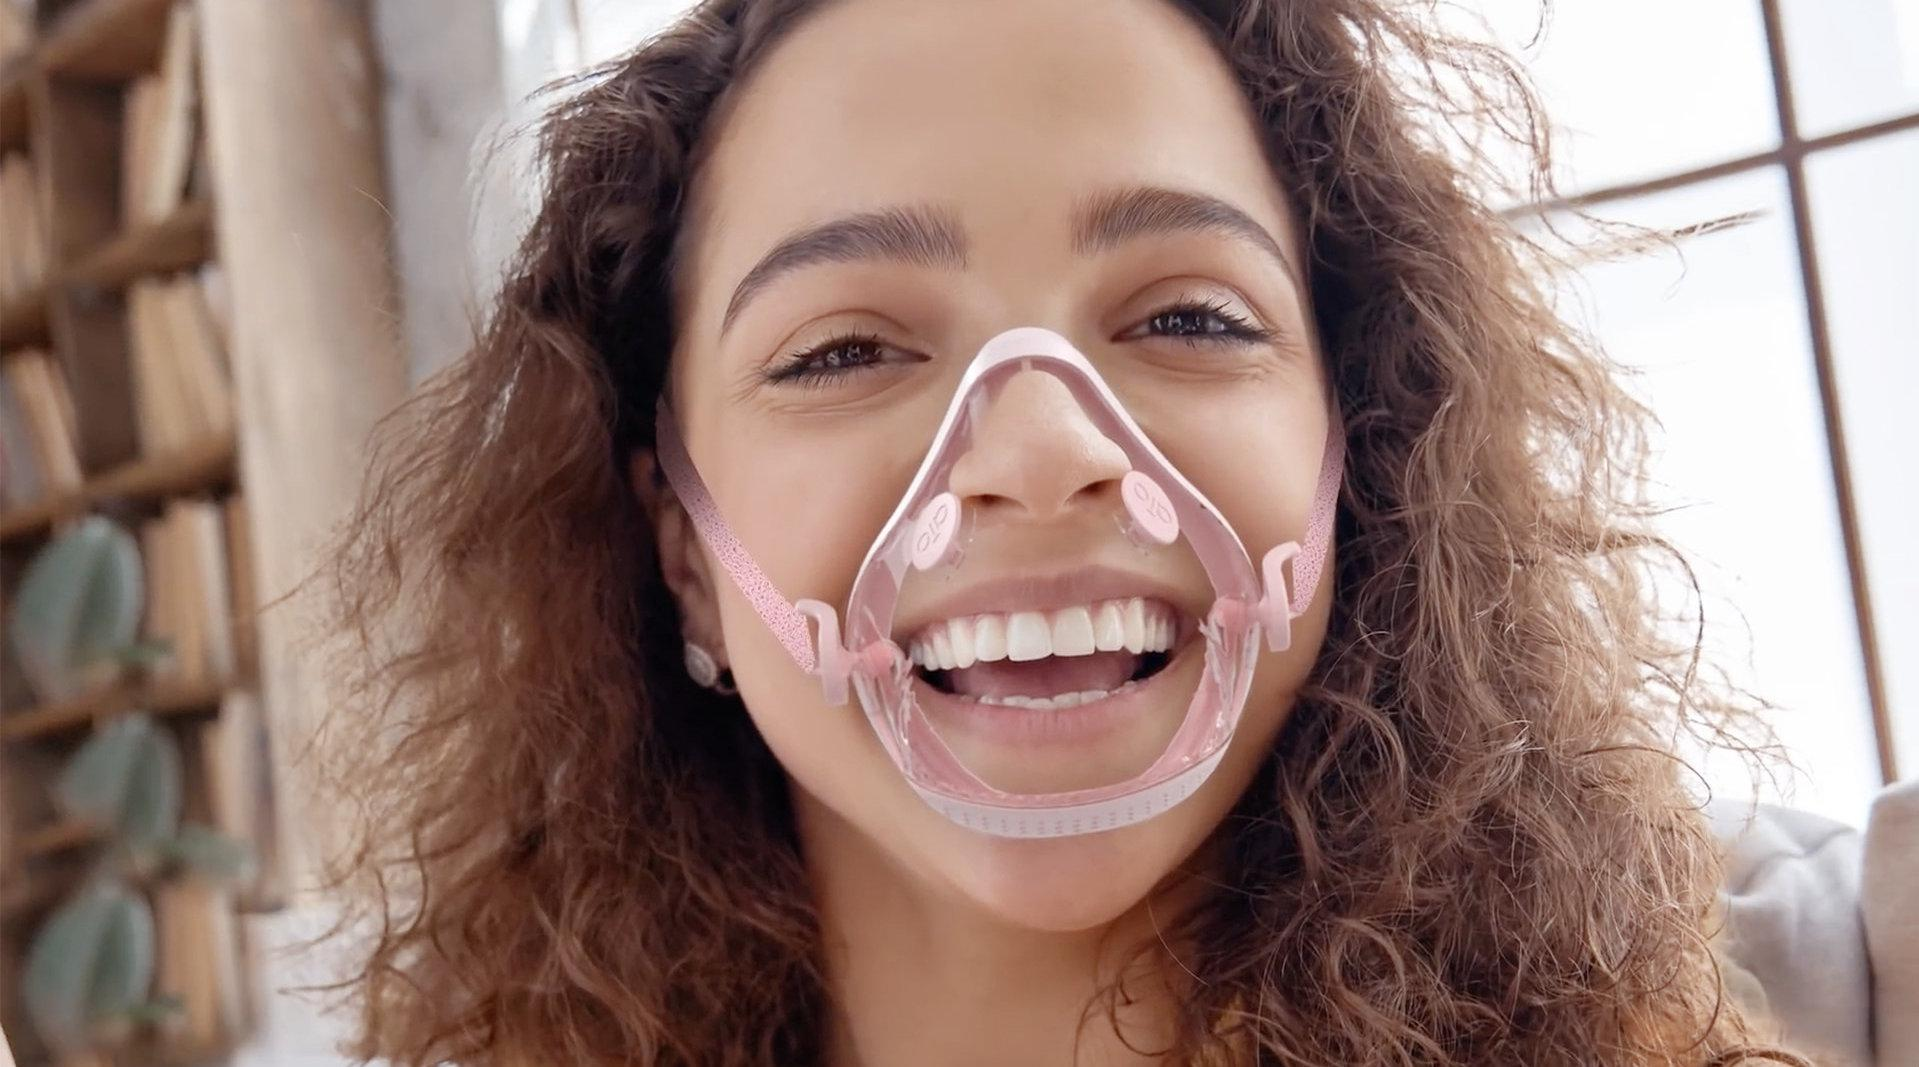 口罩跻身时尚单品,全透明材质加彩色硅胶,让人眼前一亮